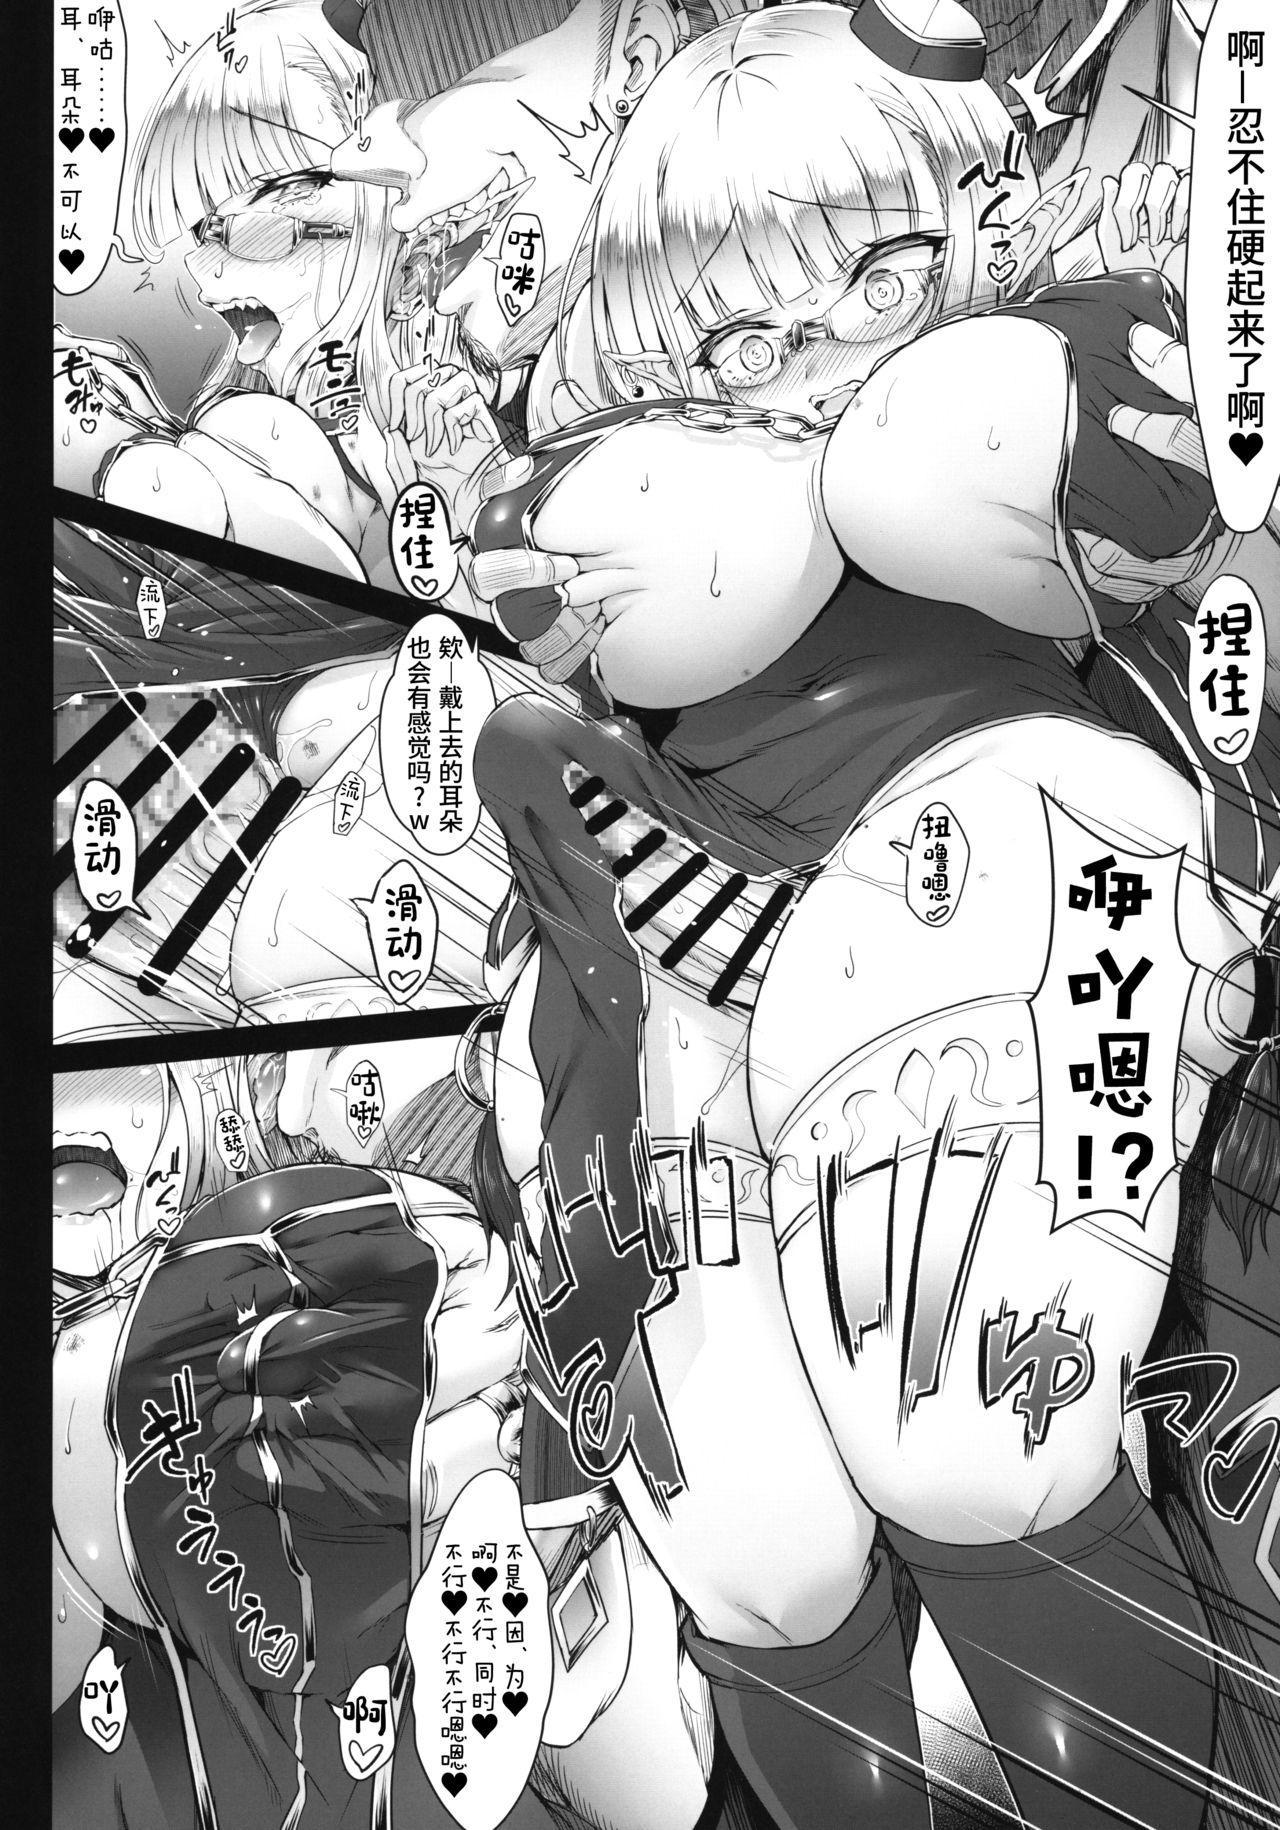 Karisome no Kanojo II Cosplay H Hen 22